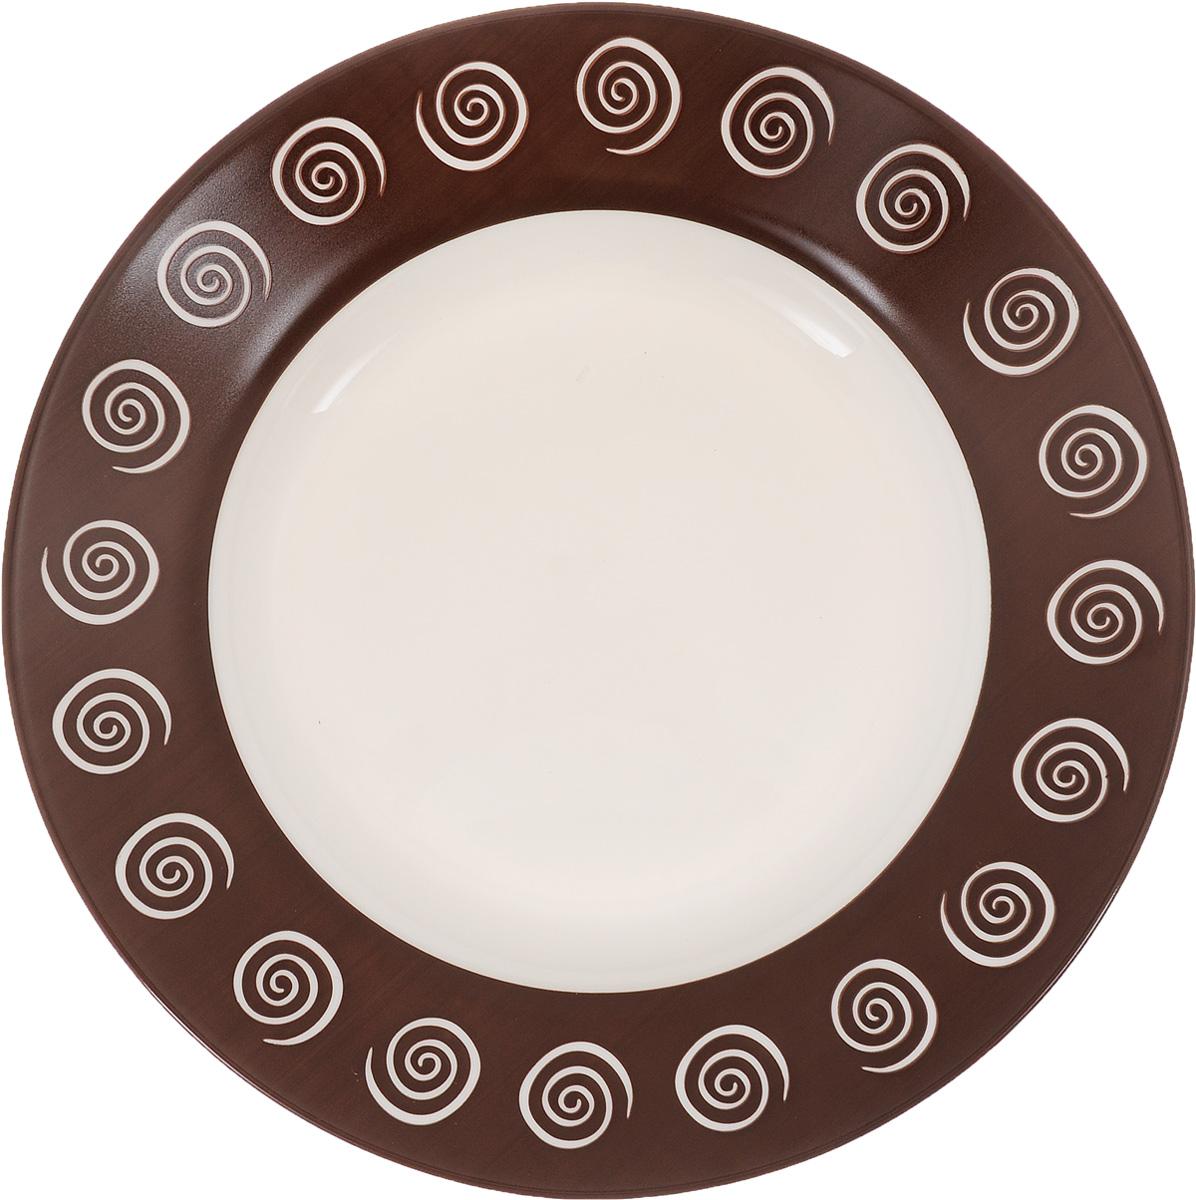 Тарелка глубокая Luminarc Sirocco, цвет: темно-коричневый, белый, диаметр 22 смH4886Глубокая тарелка Luminarc Sirocco выполнена изударопрочного стекла и оформлена ярким рисунком.Изделие сочетает в себе изысканный дизайн с максимальнойфункциональностью. Она прекрасно впишется винтерьер вашей кухни и станет достойным дополнениемк кухонному инвентарю. Тарелка Luminarc Sirocco подчеркнет прекрасный вкус хозяйкии станет отличным подарком. Диаметр (по верхнему краю): 22 см.Высота тарелки: 3 см.